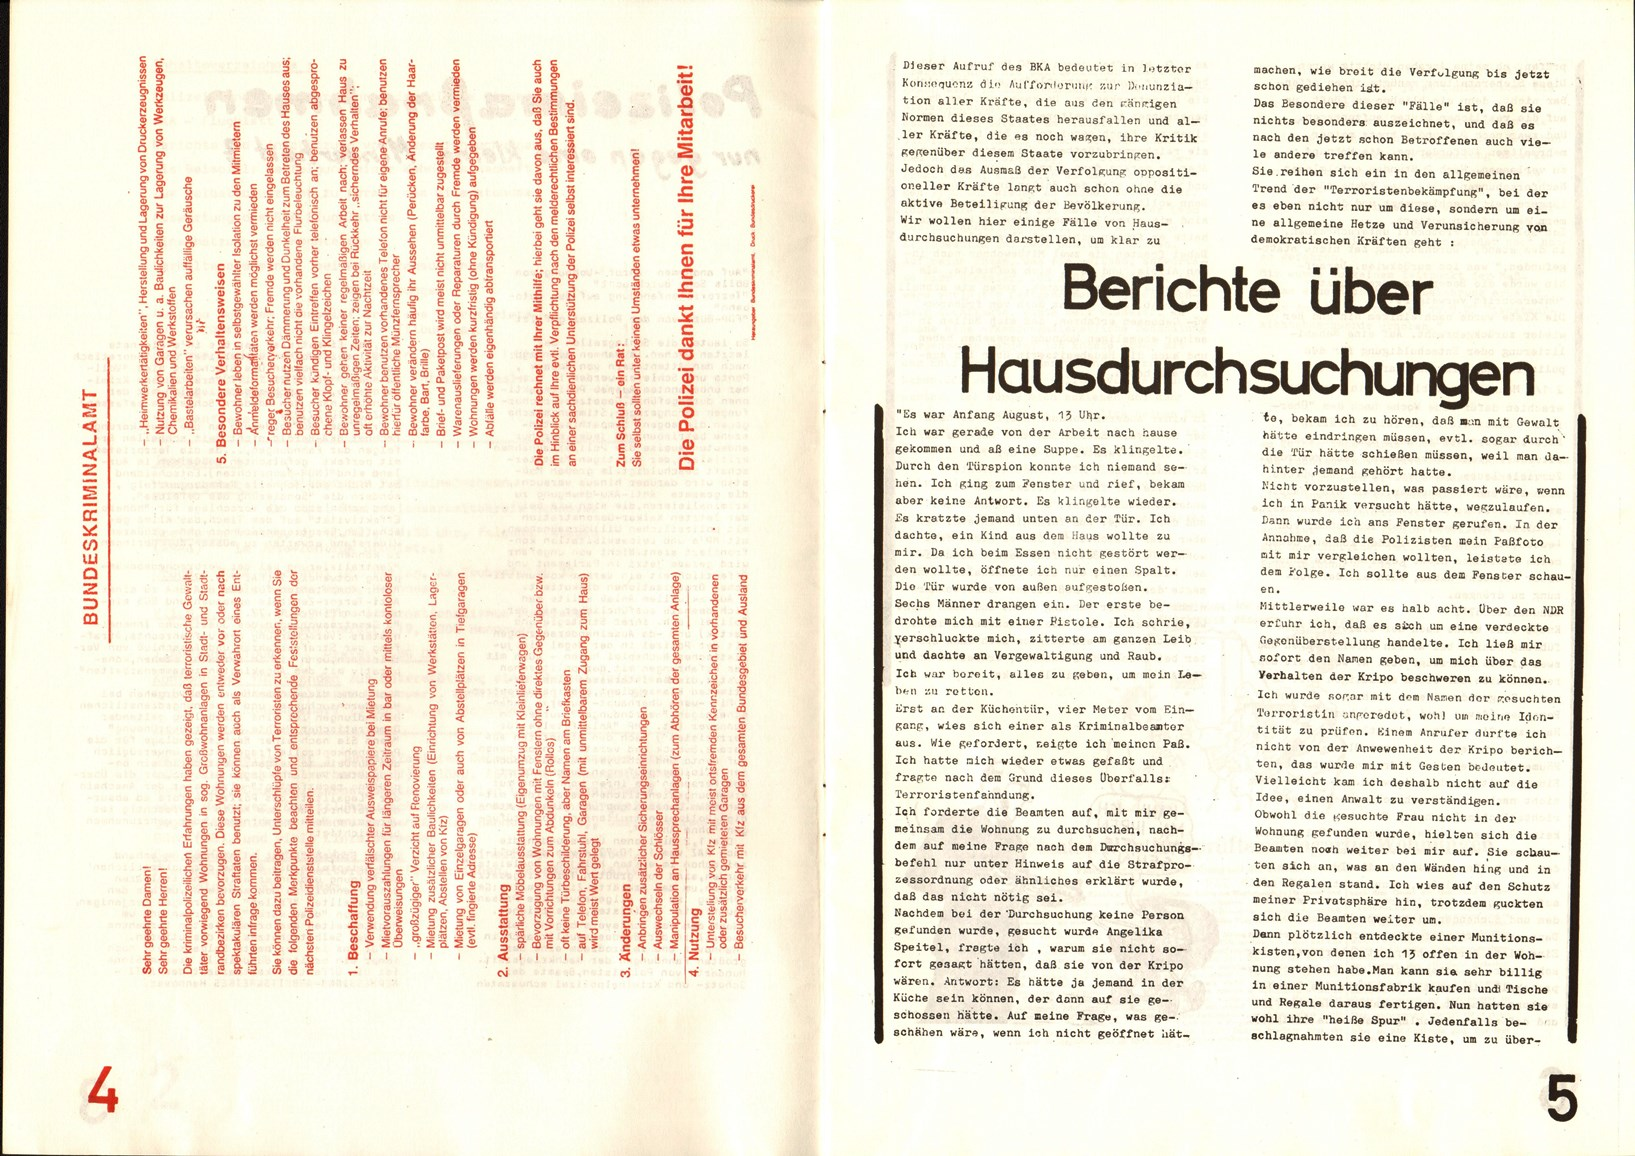 Hannover_Anti_Repressions_Info_03_1977_03